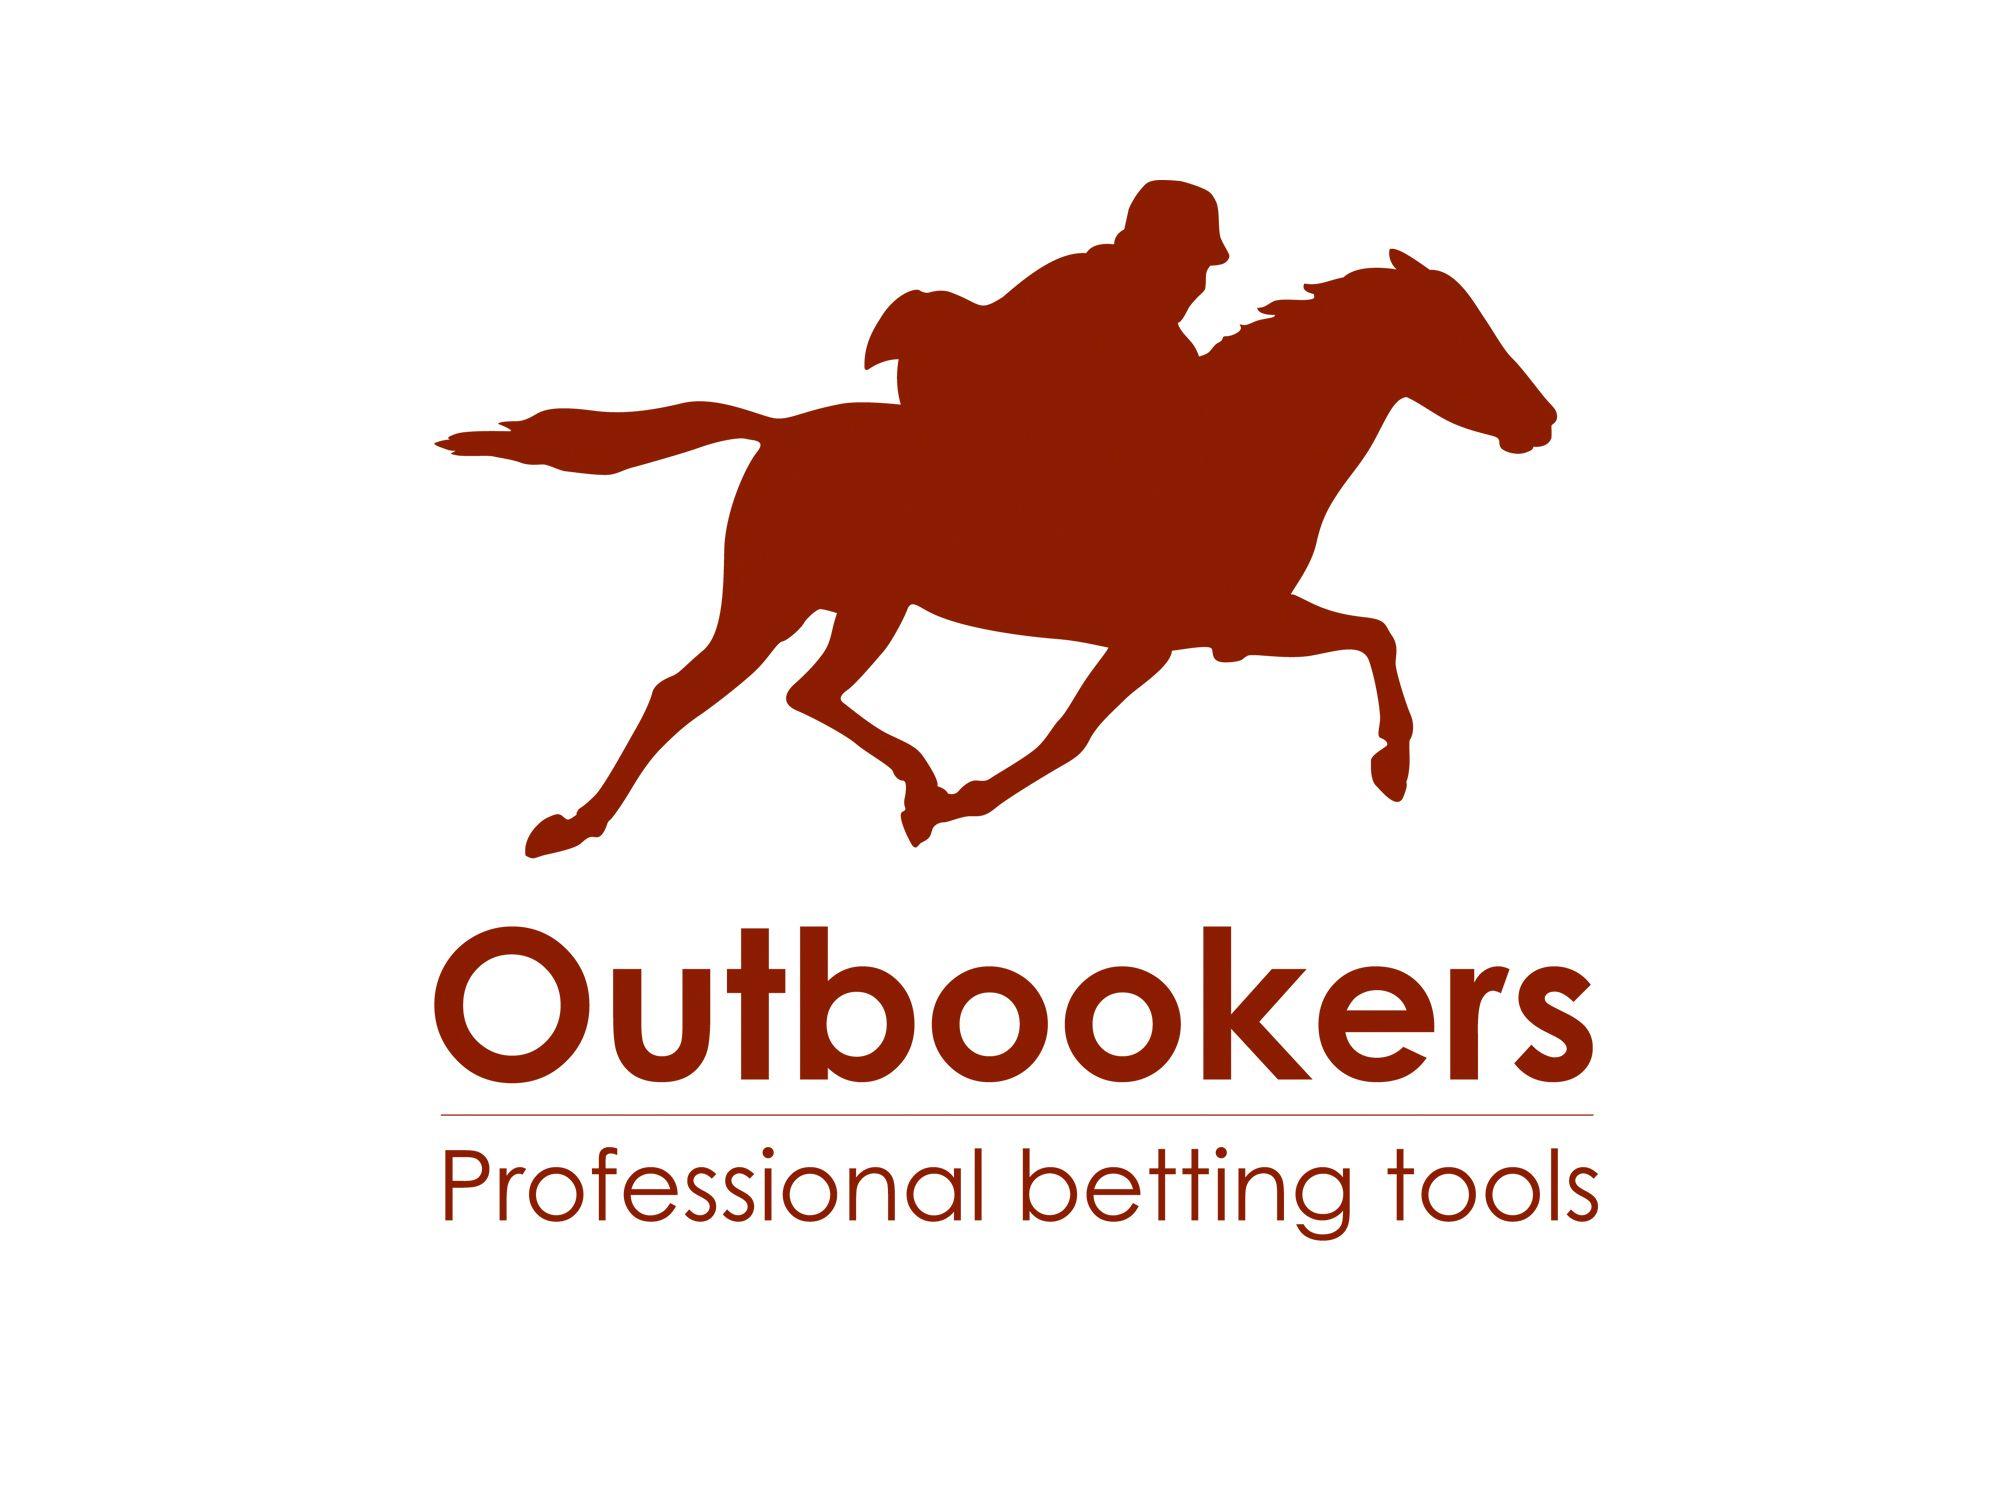 Образ лошади в логотипе (спортивная аналитика) - дизайнер VasyliVV